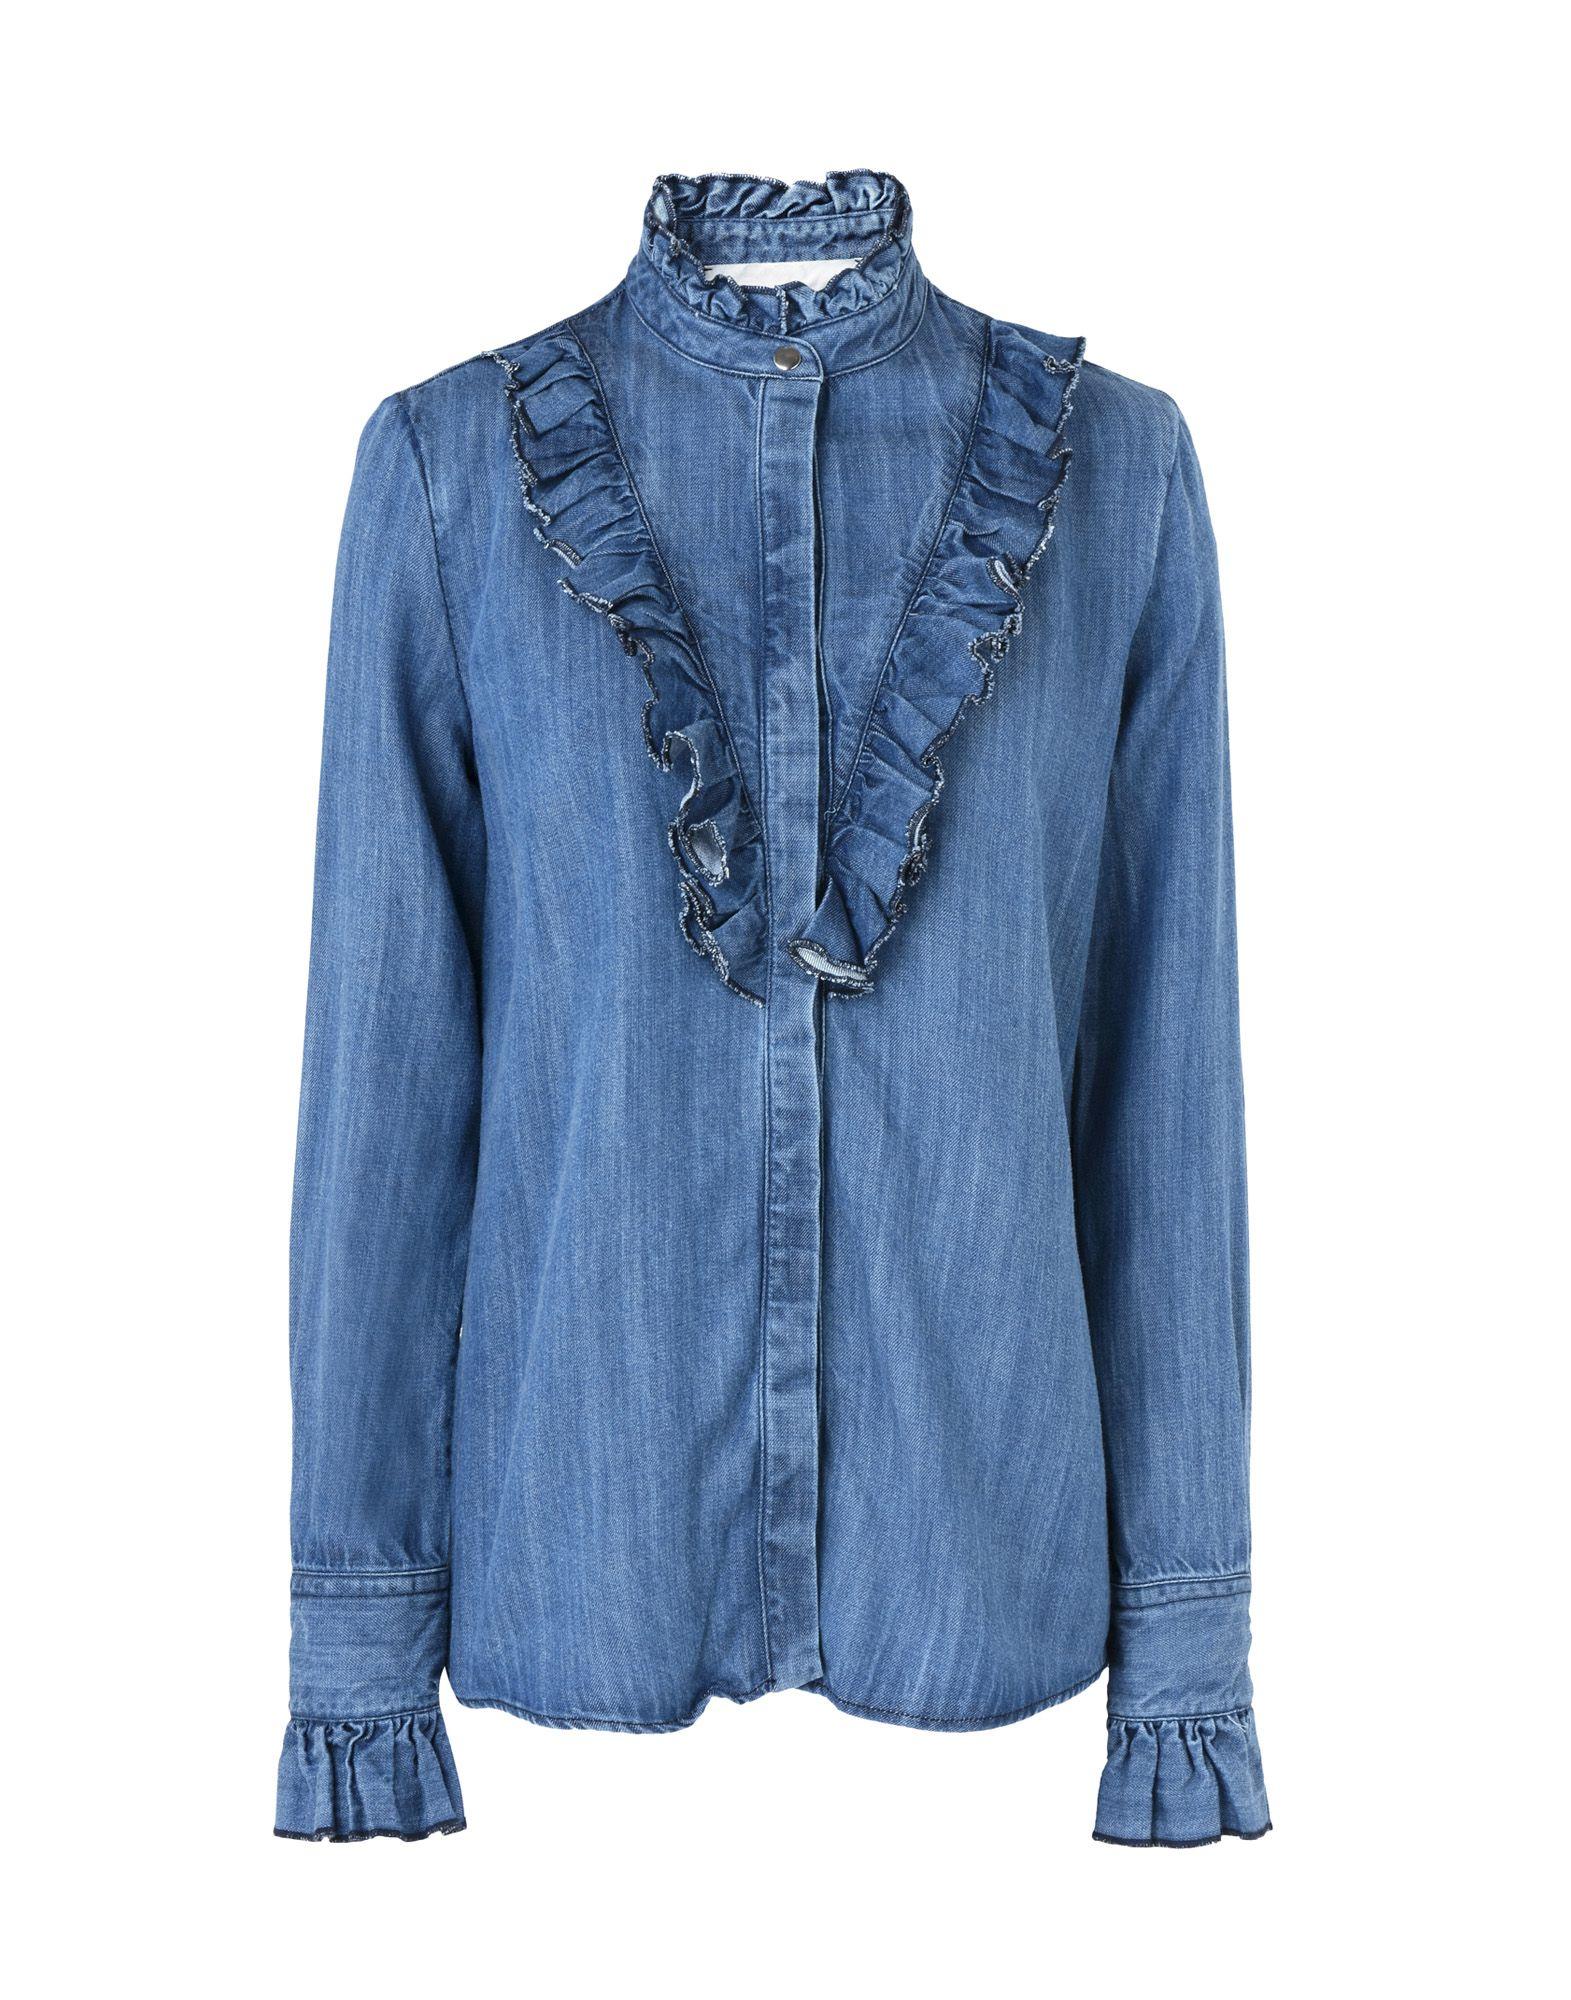 8 Джинсовая рубашка рубашка джинсовая nice